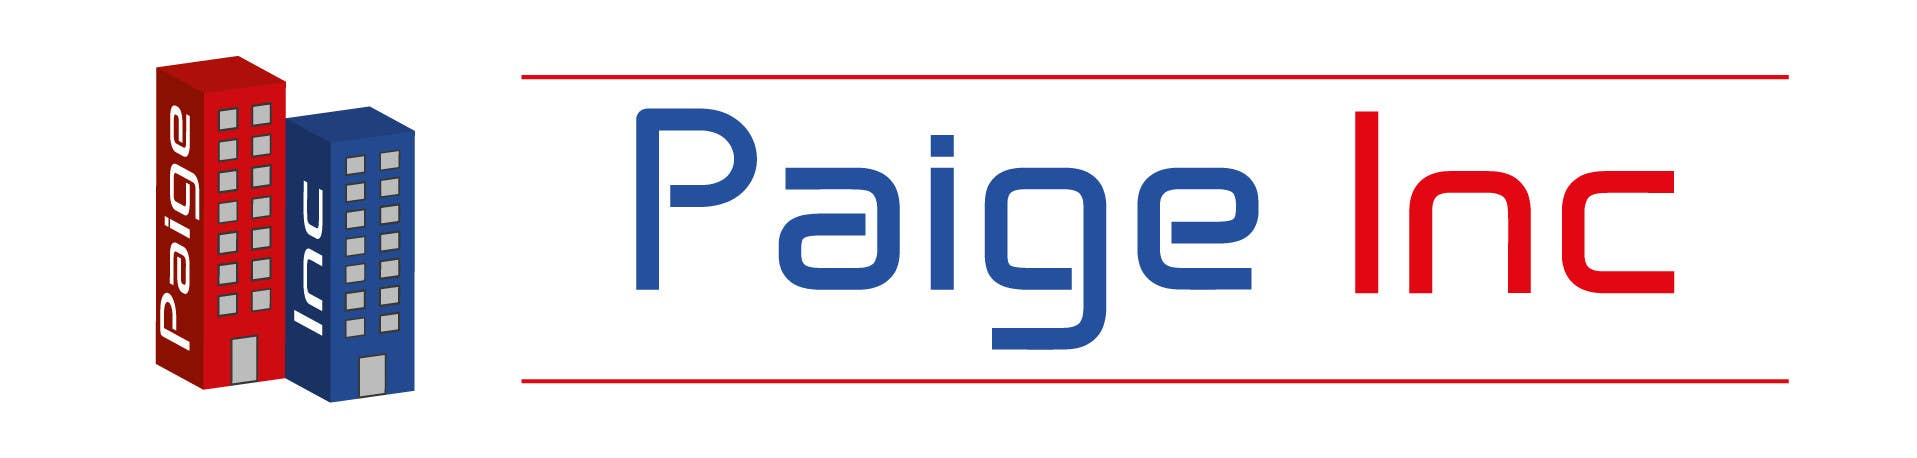 Konkurrenceindlæg #49 for Concevez un logo for Paige Inc